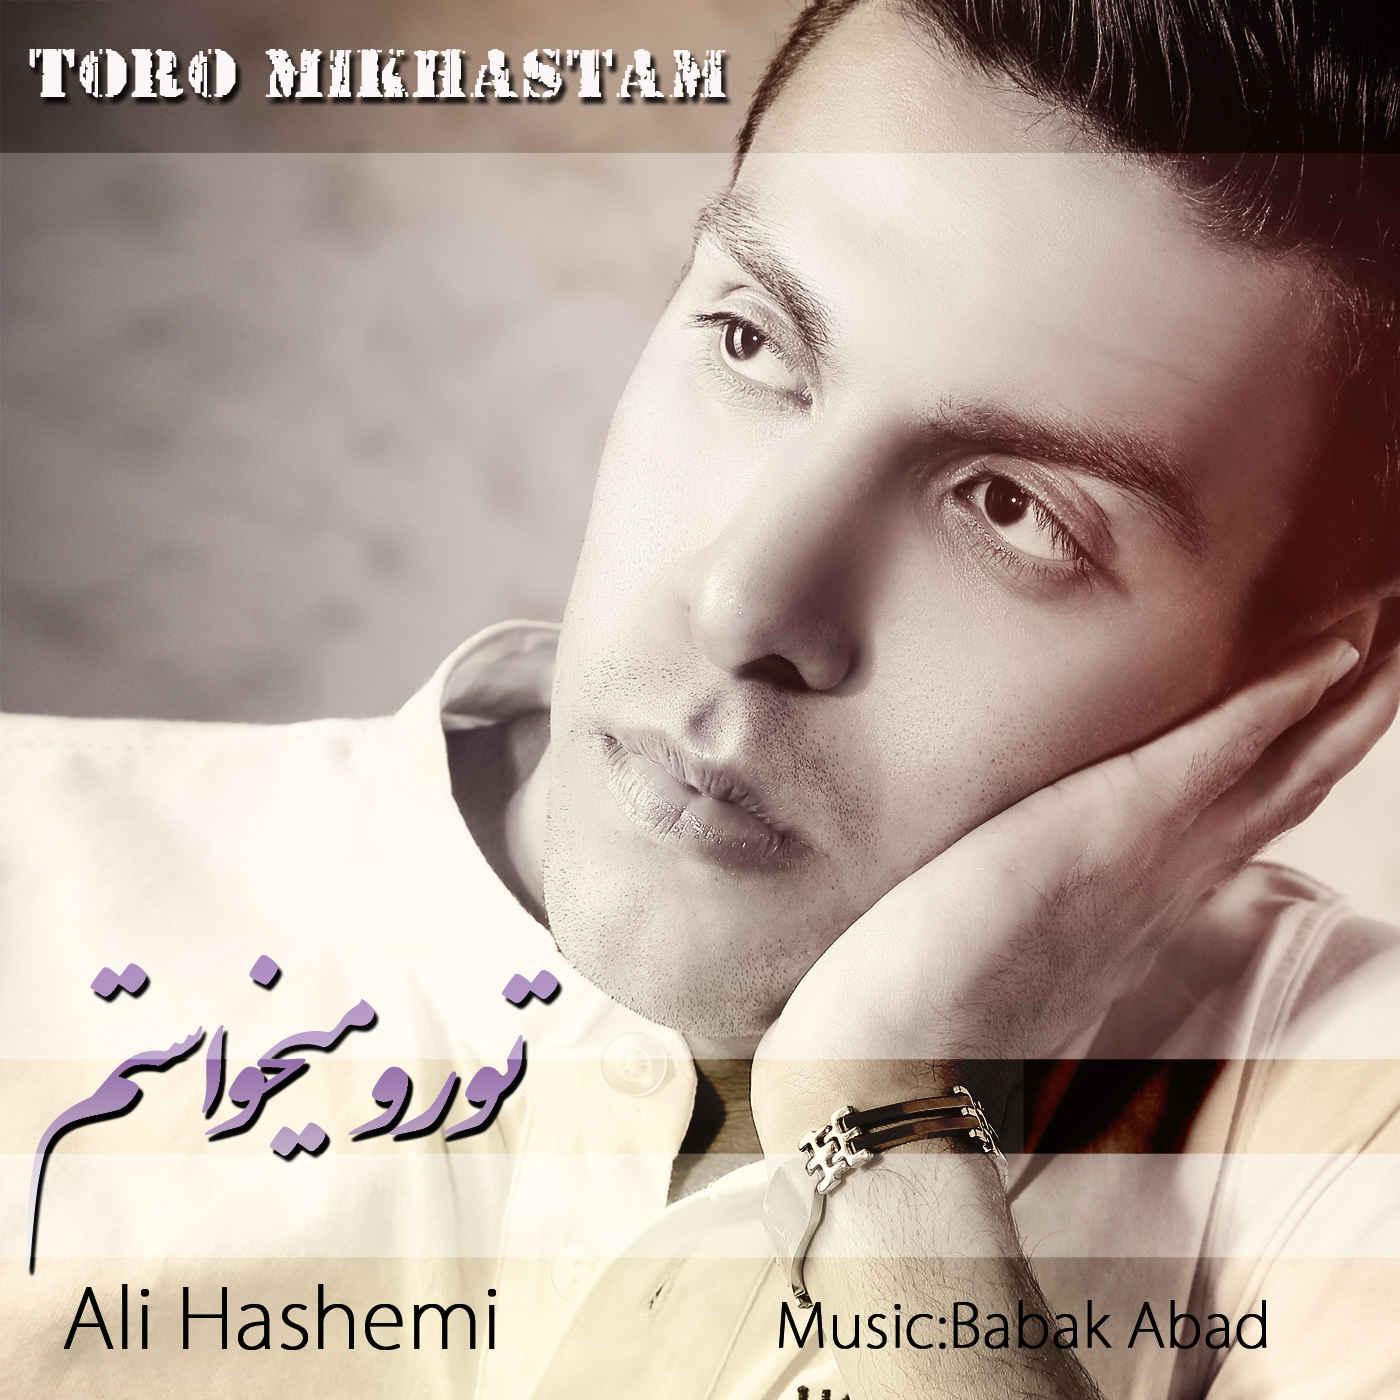 دانلود آهنگ تورو میخواستم از علی هاشمی | WwW.BestBaz.IR